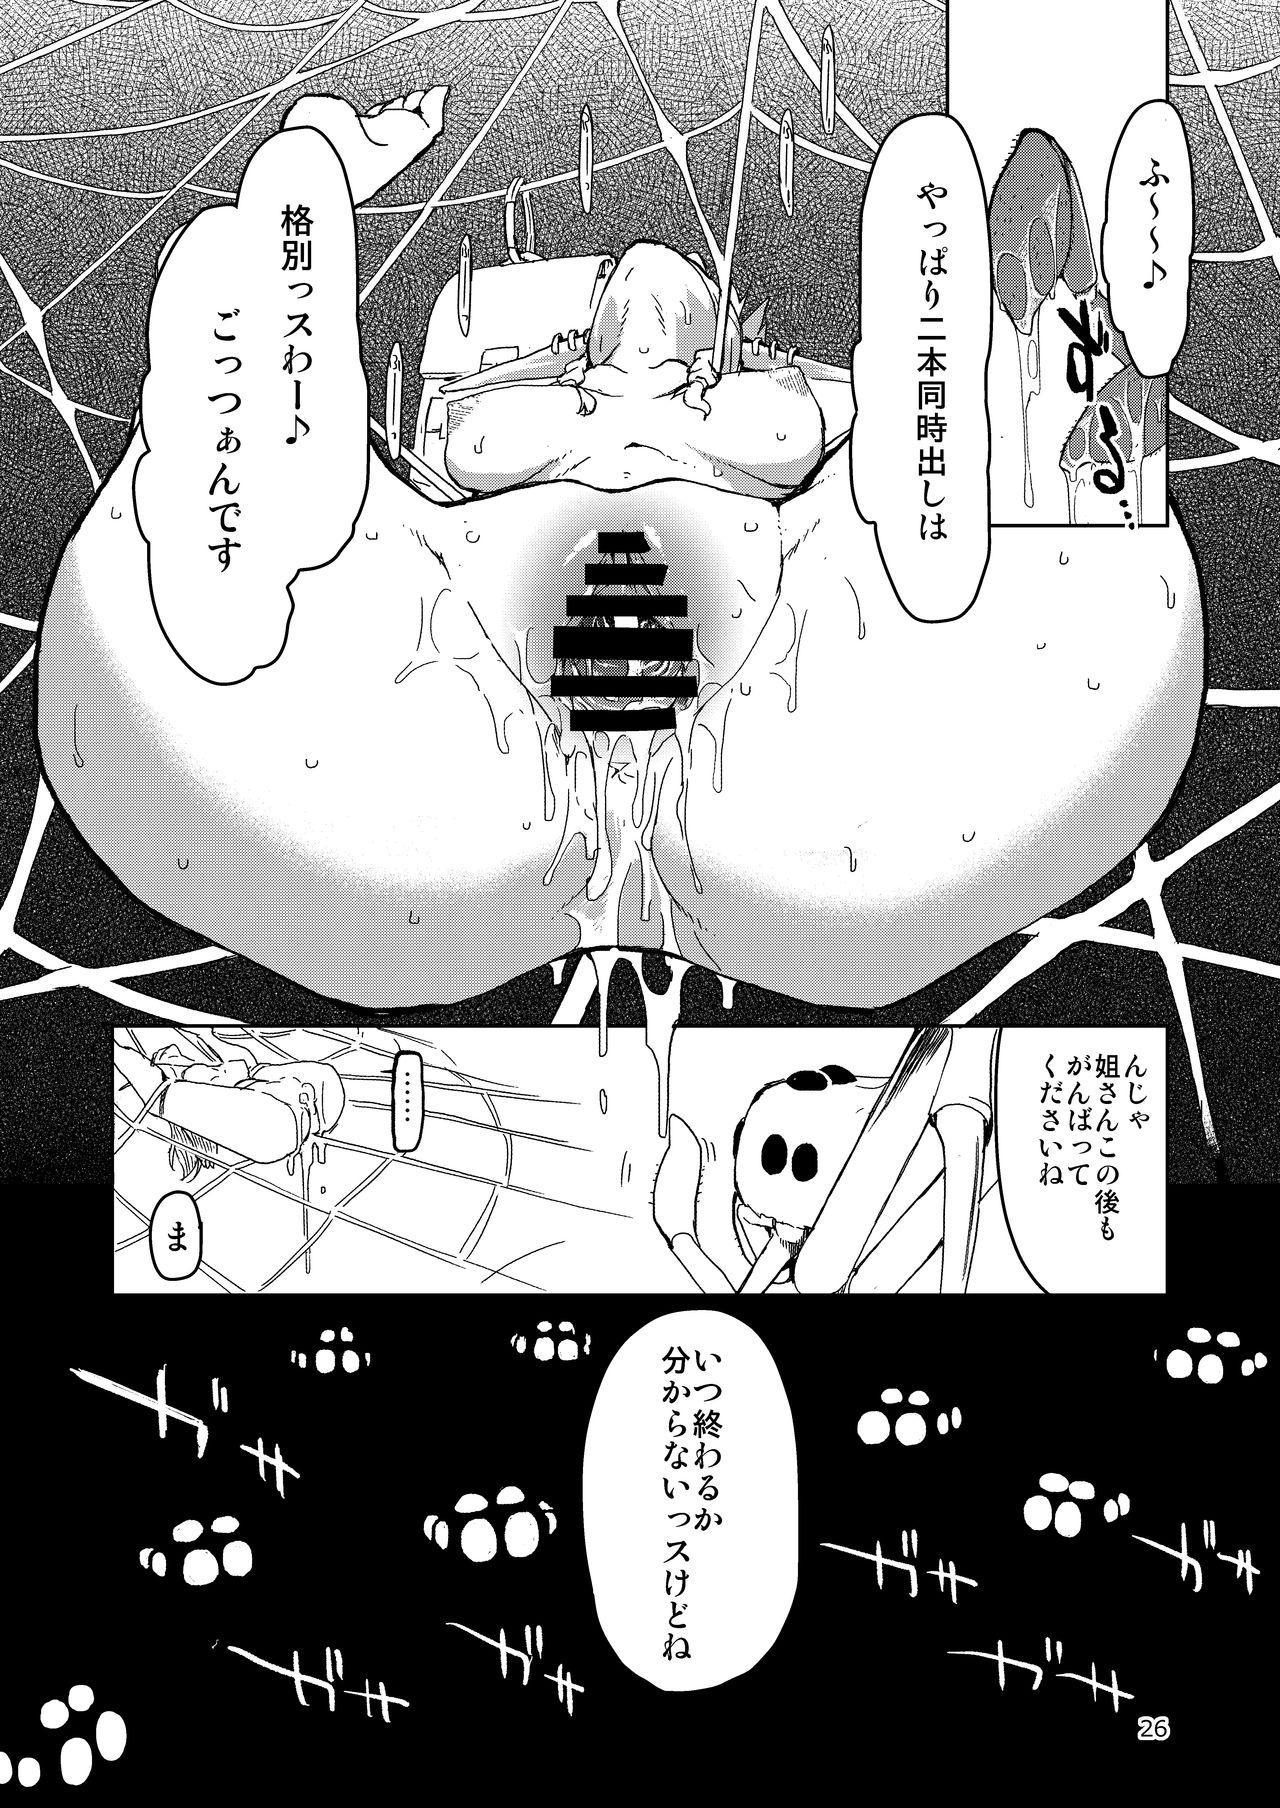 Dosukebe Elf no Ishukan Nikki Matome 2 26